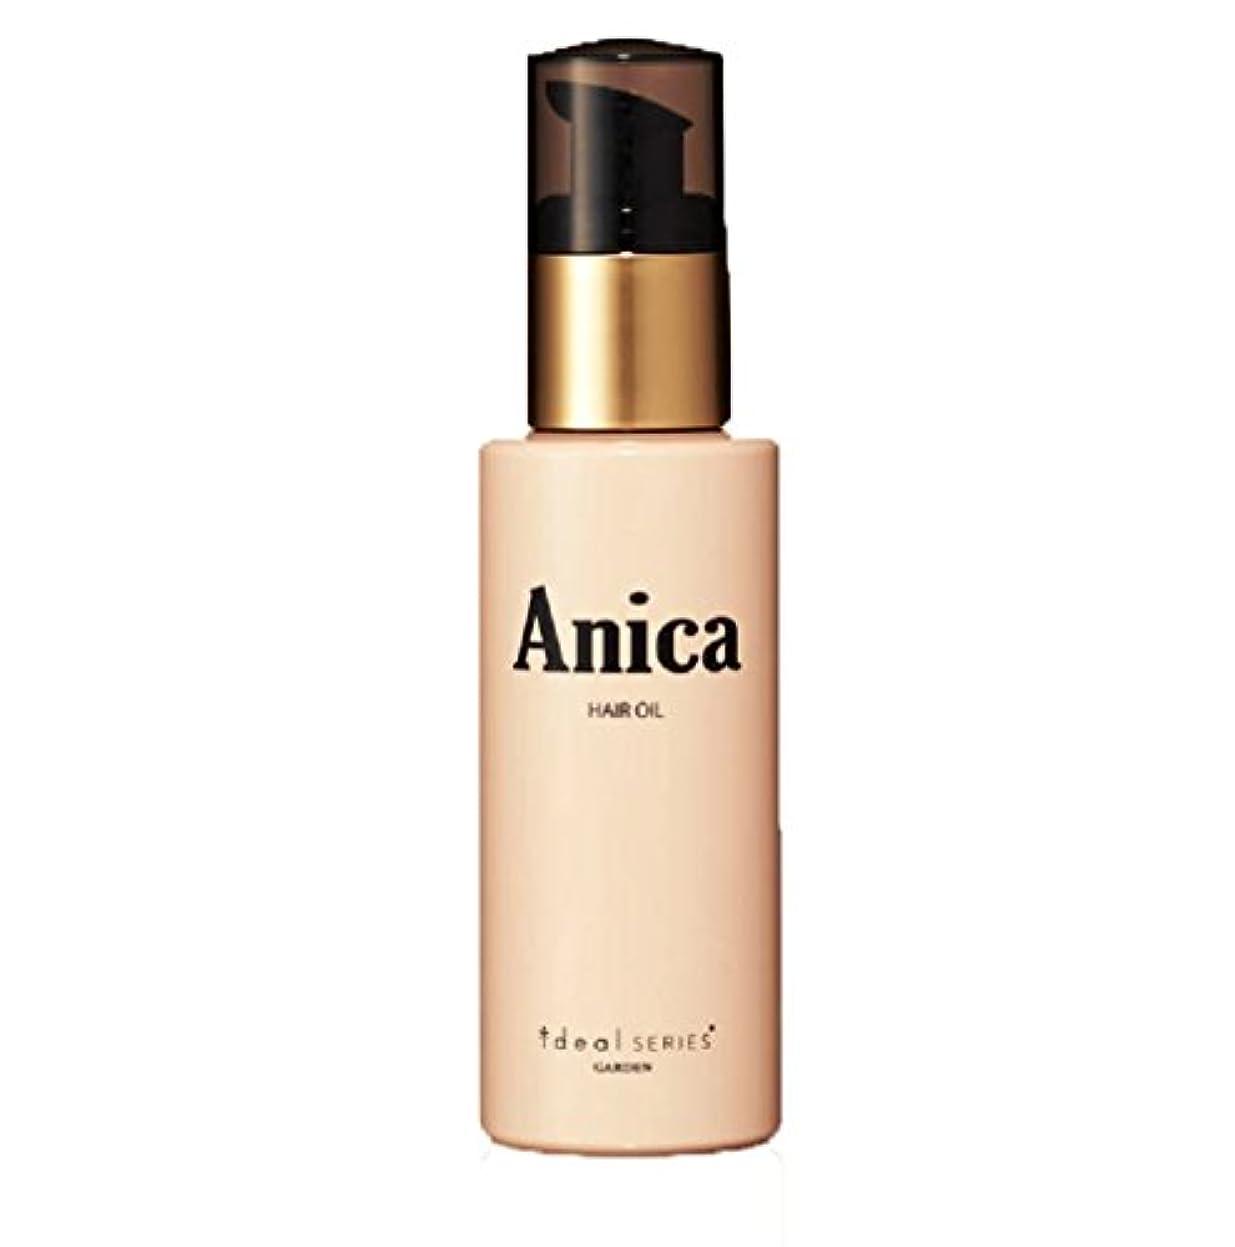 閃光グレートオークレンディションGARDEN ガーデン ideal SERIES イデアルシリーズ Anica サラりとまとまりやすい髪に アニカヘアオイル